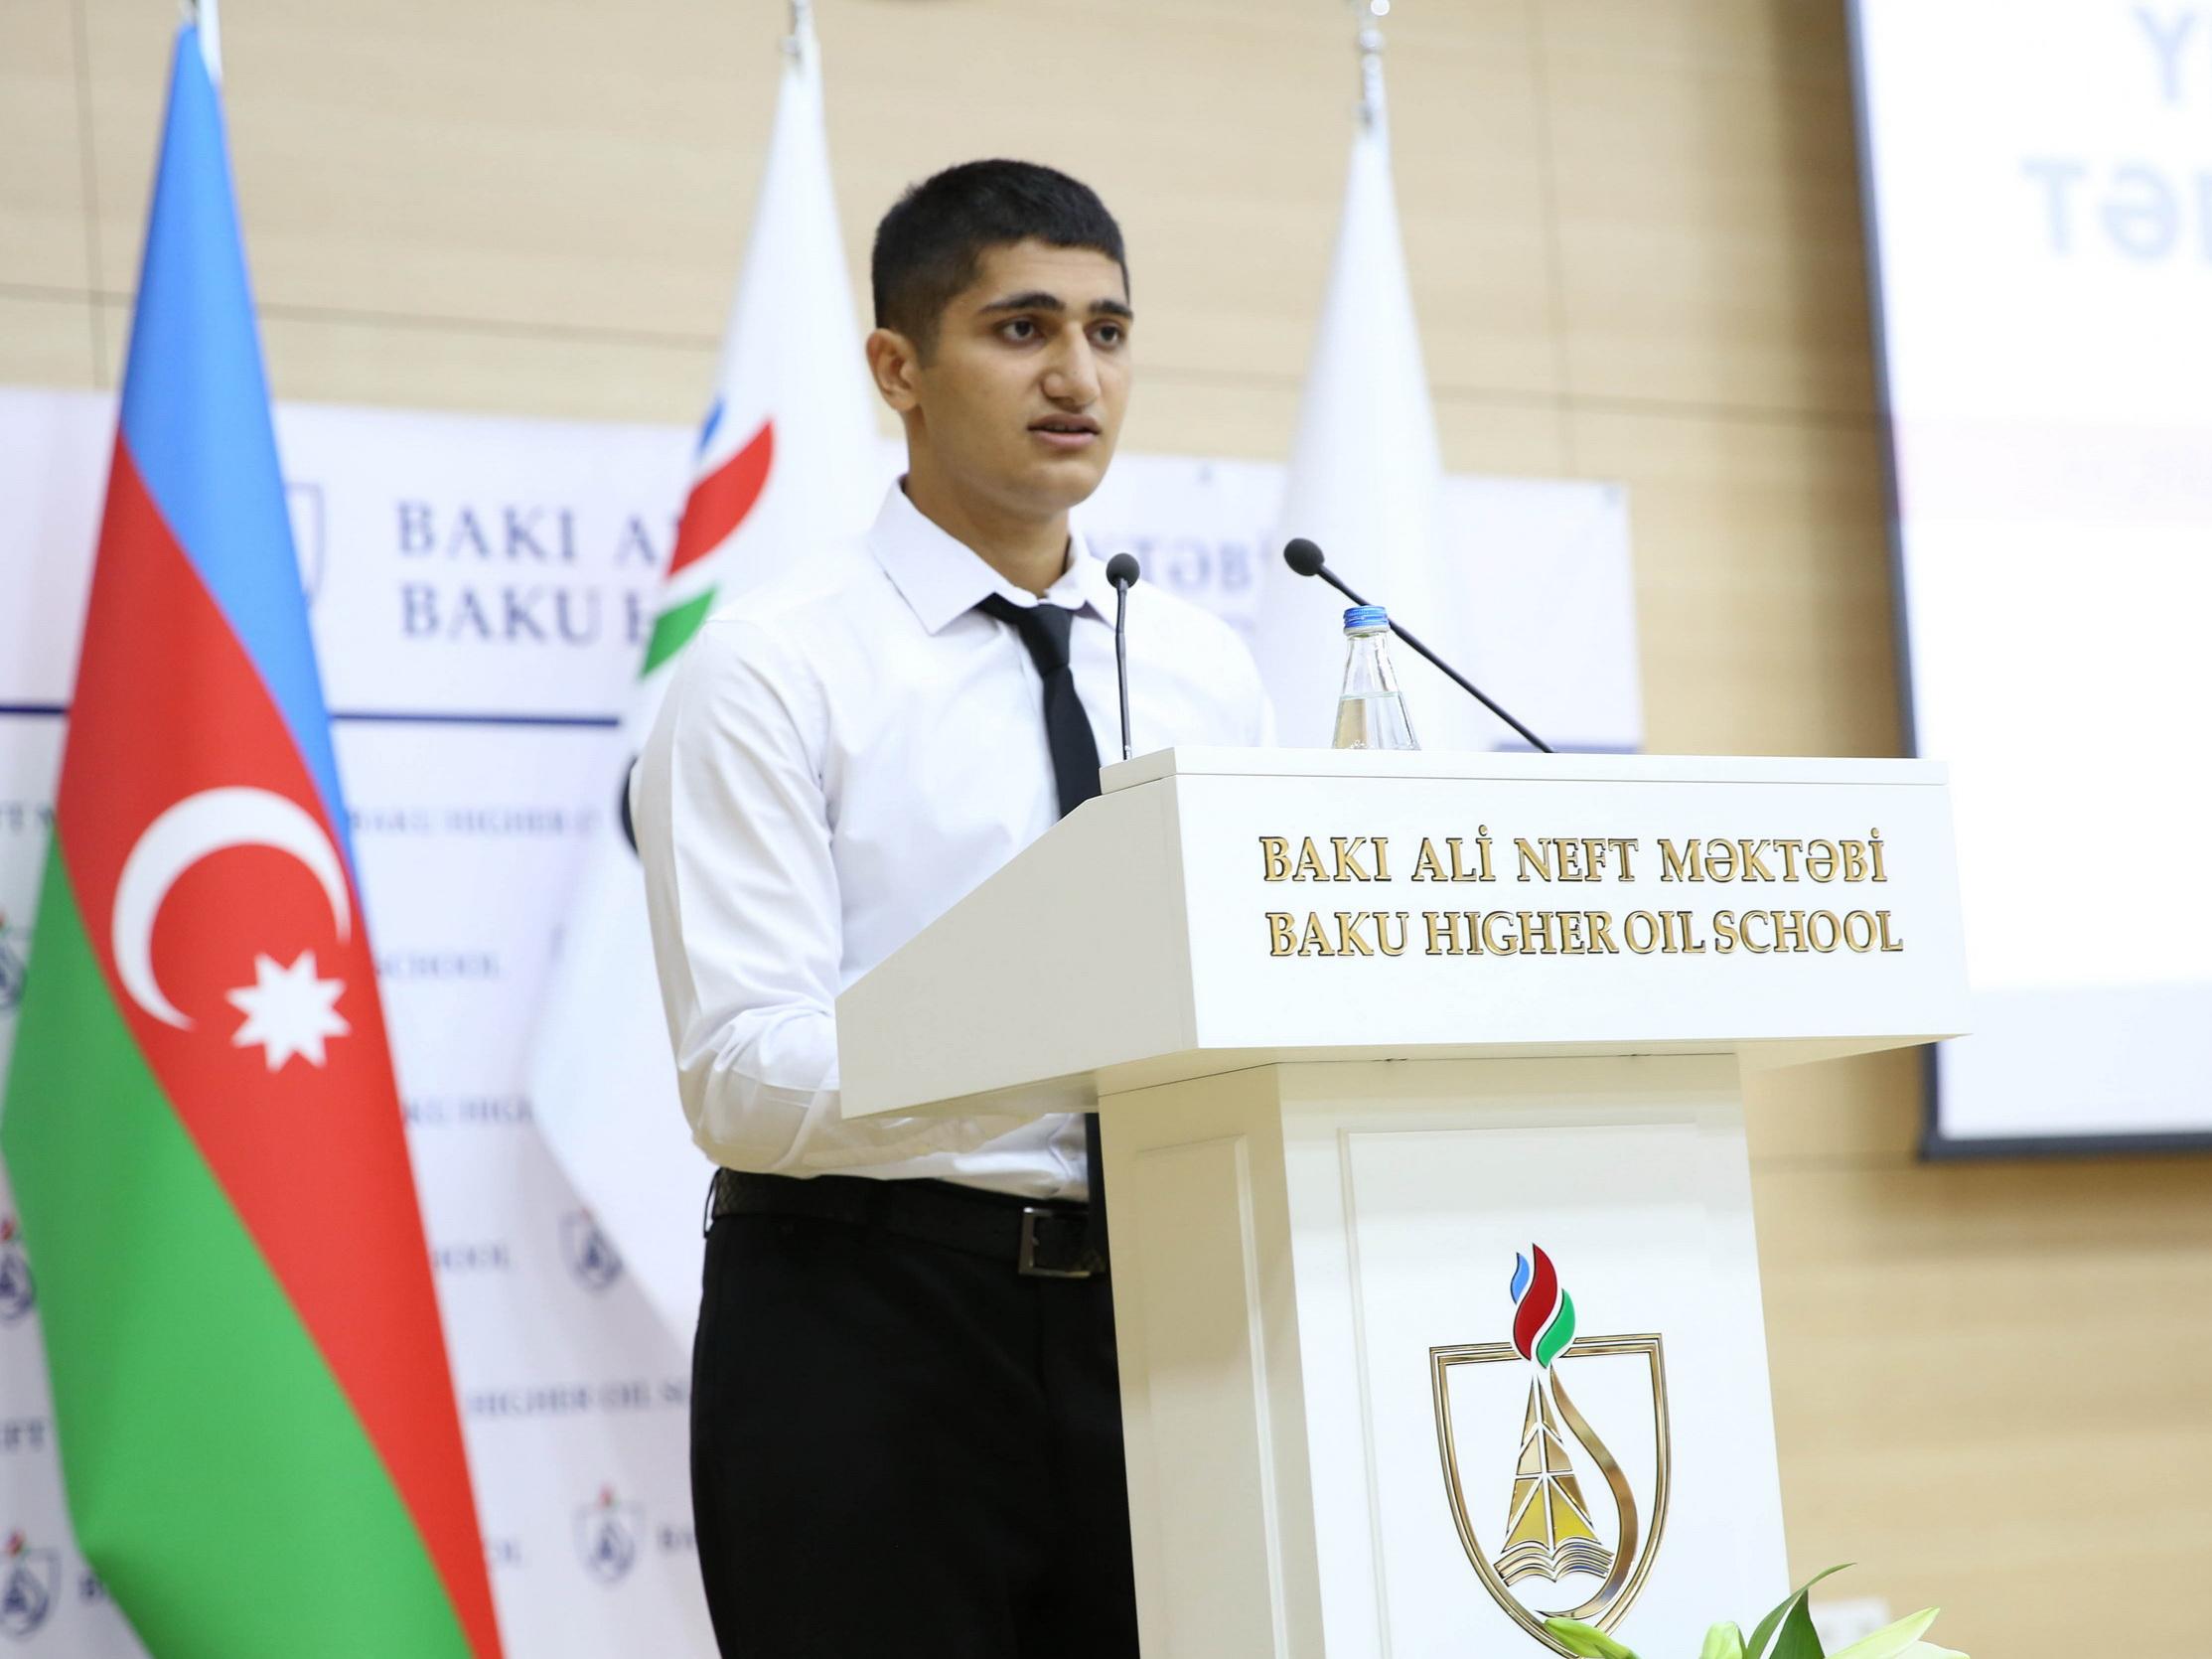 Студент первого курса Вюсал Хазратли: «Учился на врача, но поступил в БВШН и стану инженером»